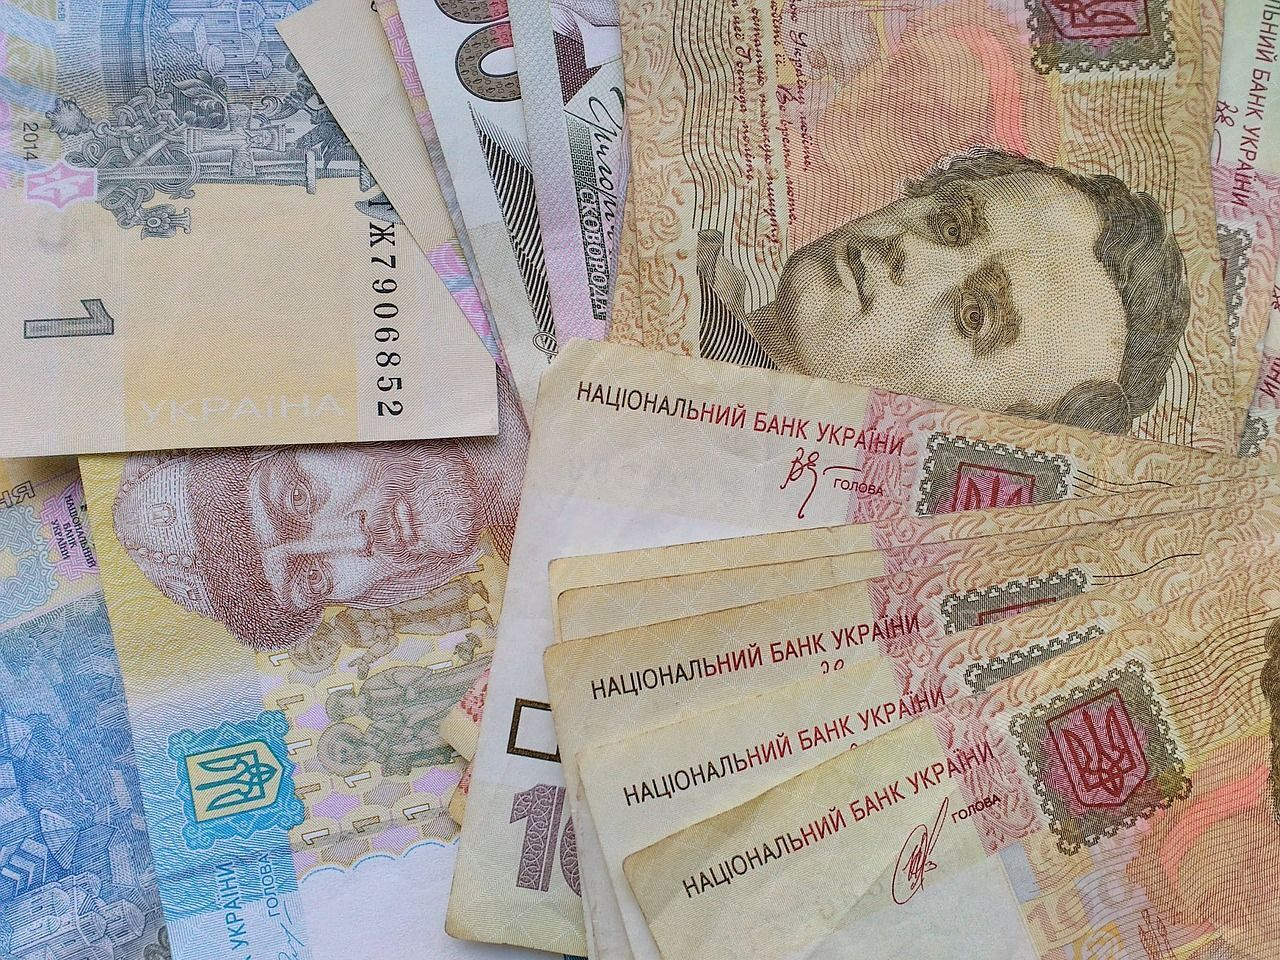 В Украине увеличились штрафы за правонарушения